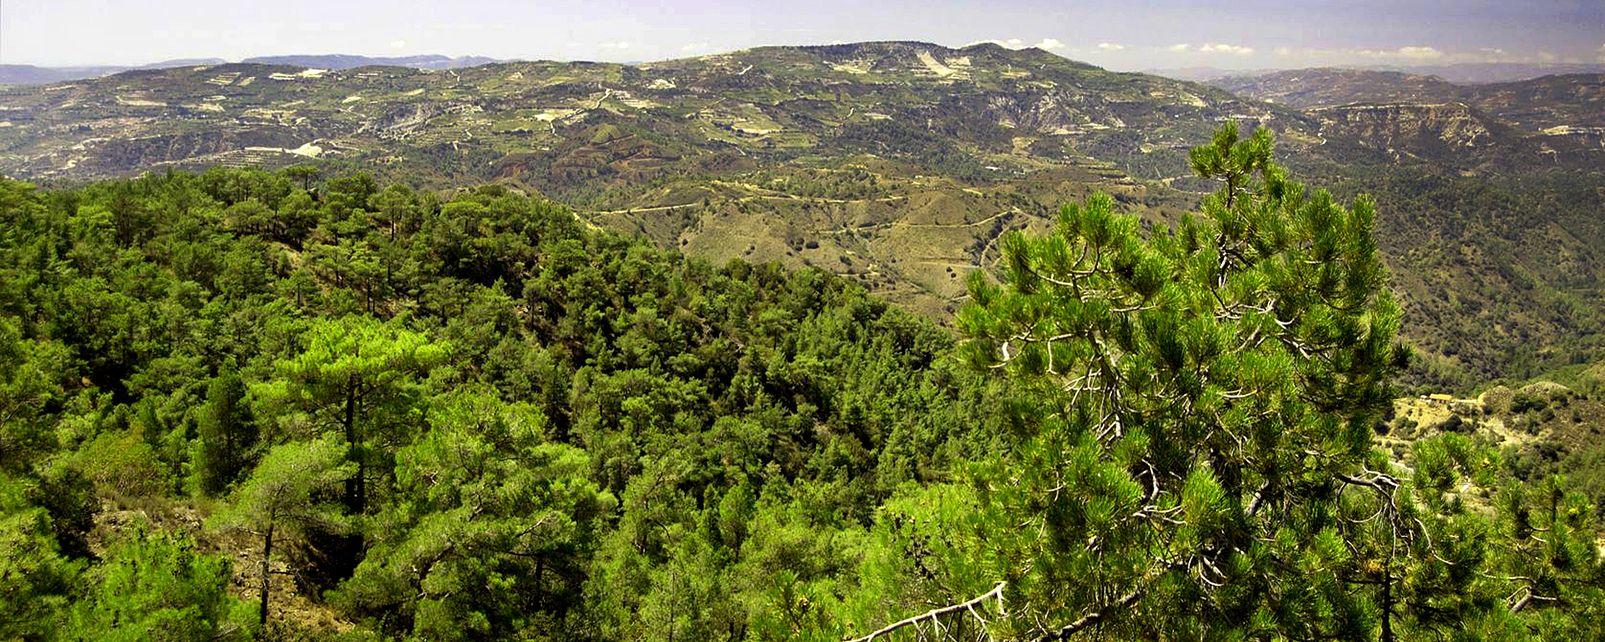 La faune et la flore des Troodos , Les forêts des Troodos , Chypre